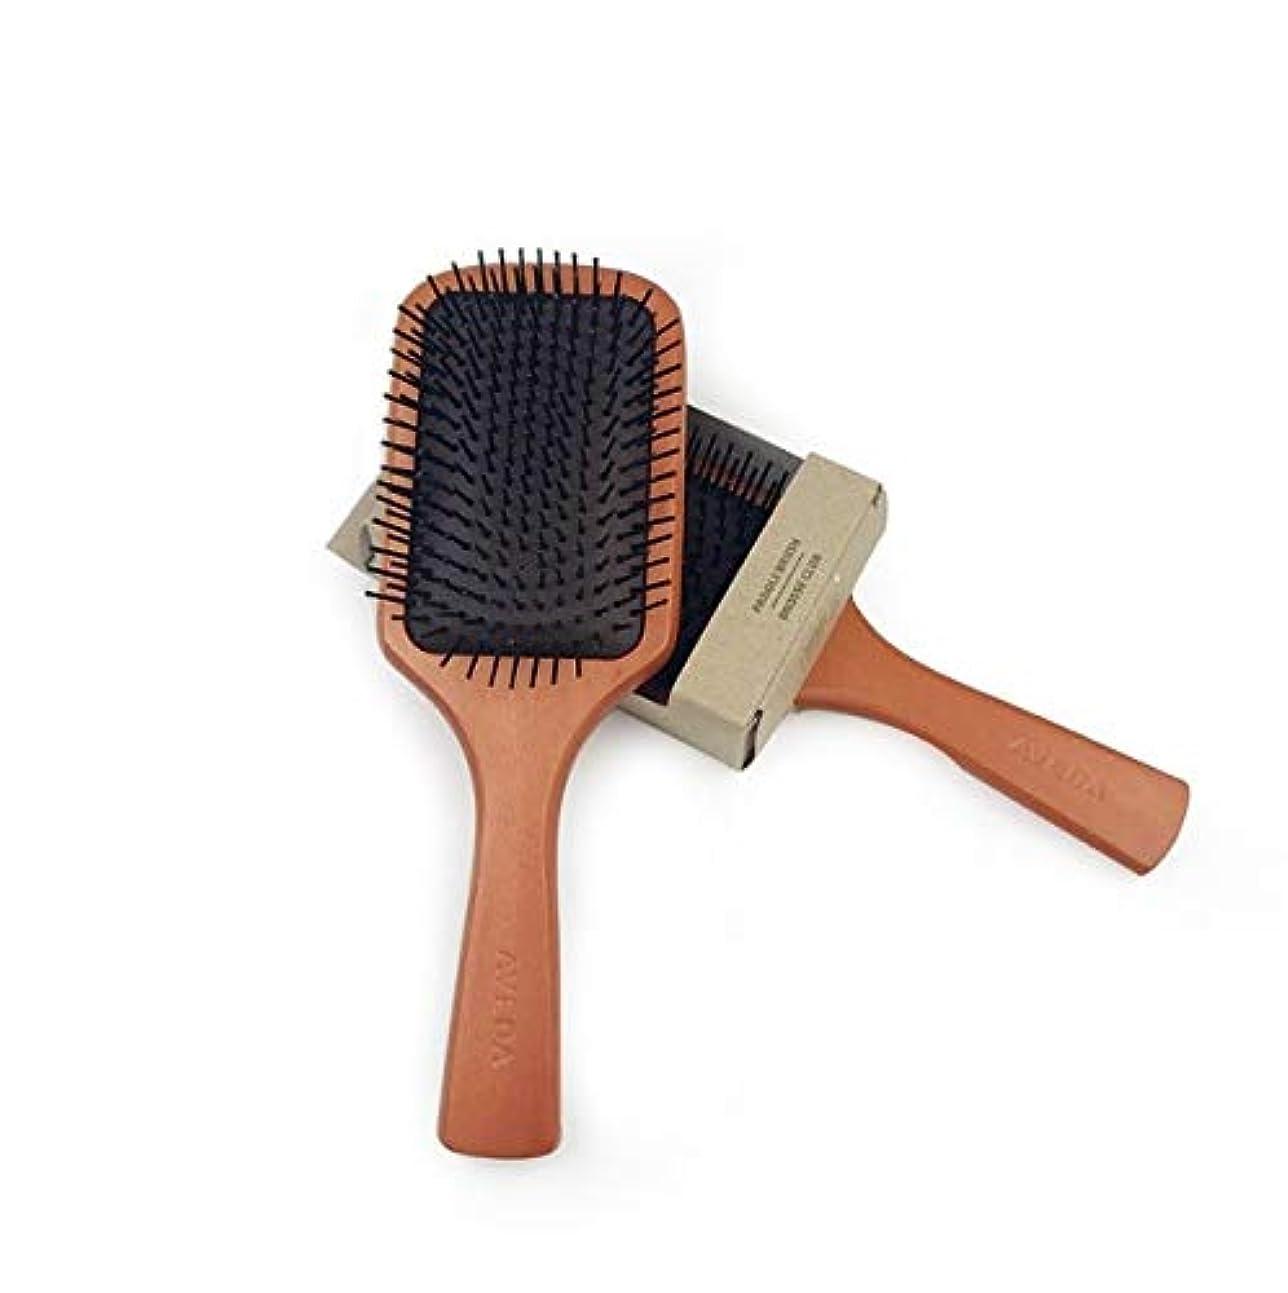 木製の櫛、ピーチウッド帯電防止エアクッションマッサージ櫛、巻き毛の櫛の髪の櫛、髪の櫛、髪の櫛